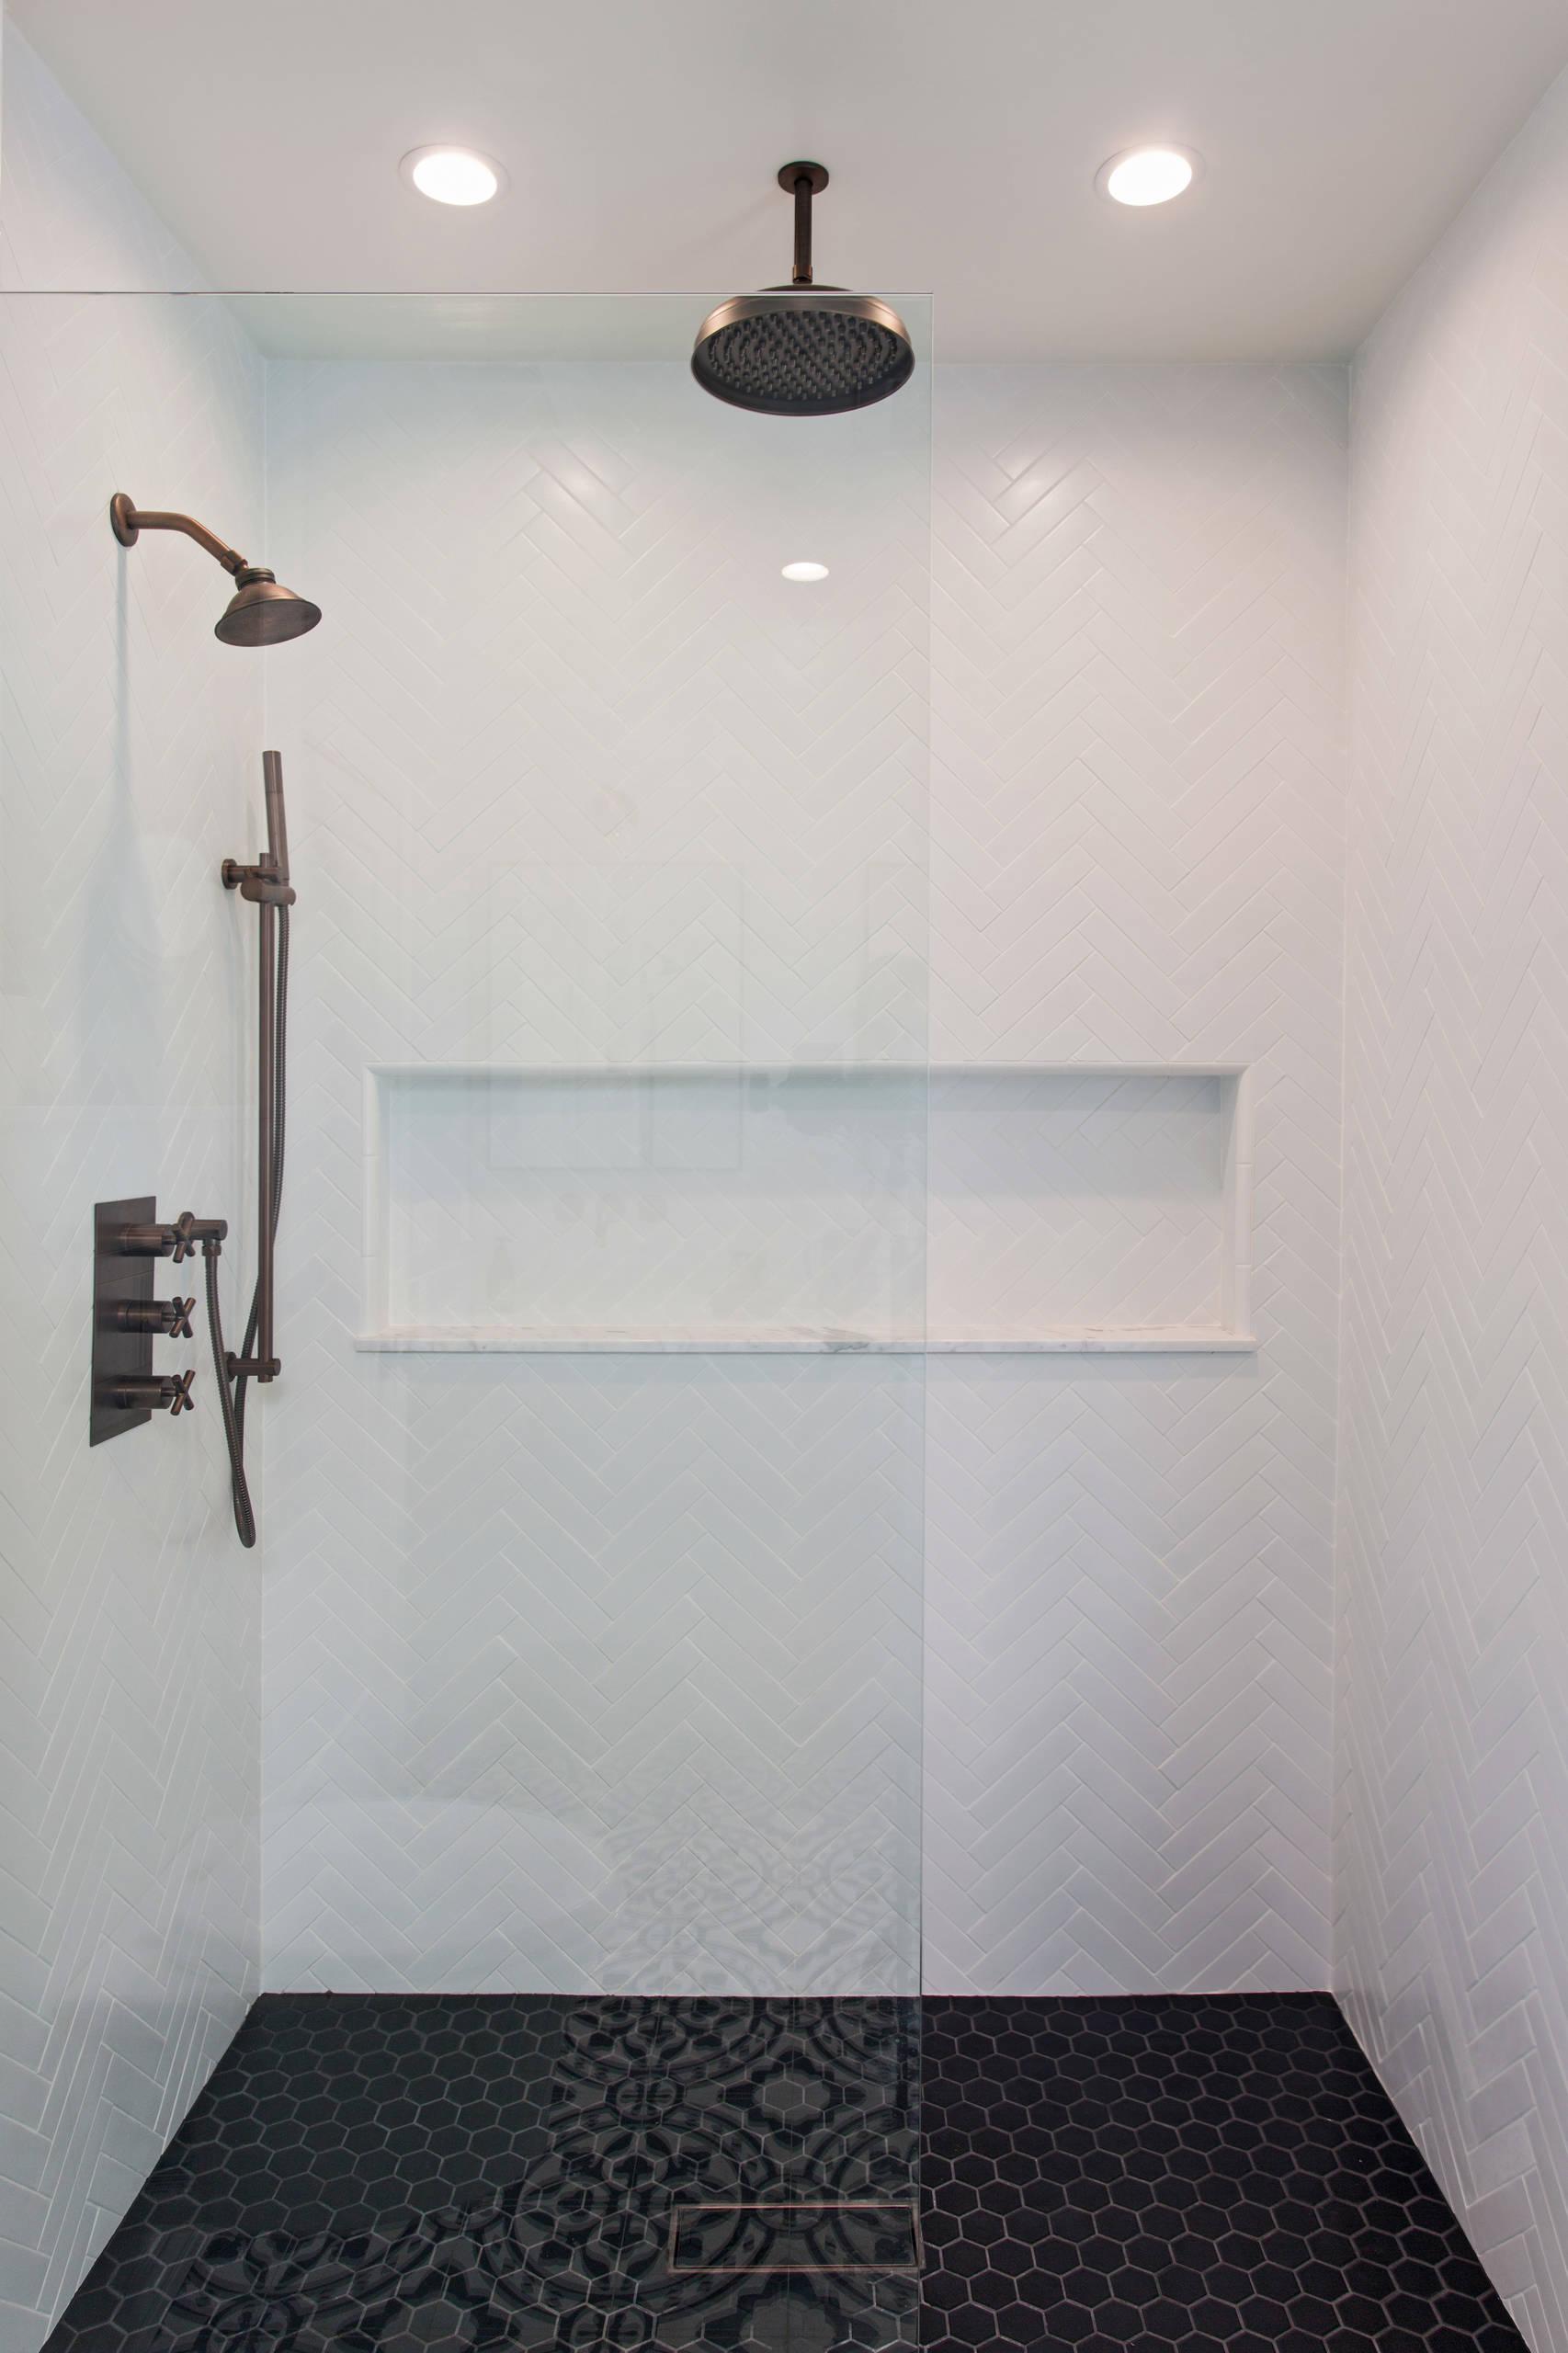 Piastrelle Arancioni Per Bagno bagno scandinavo - foto, idee, arredamento